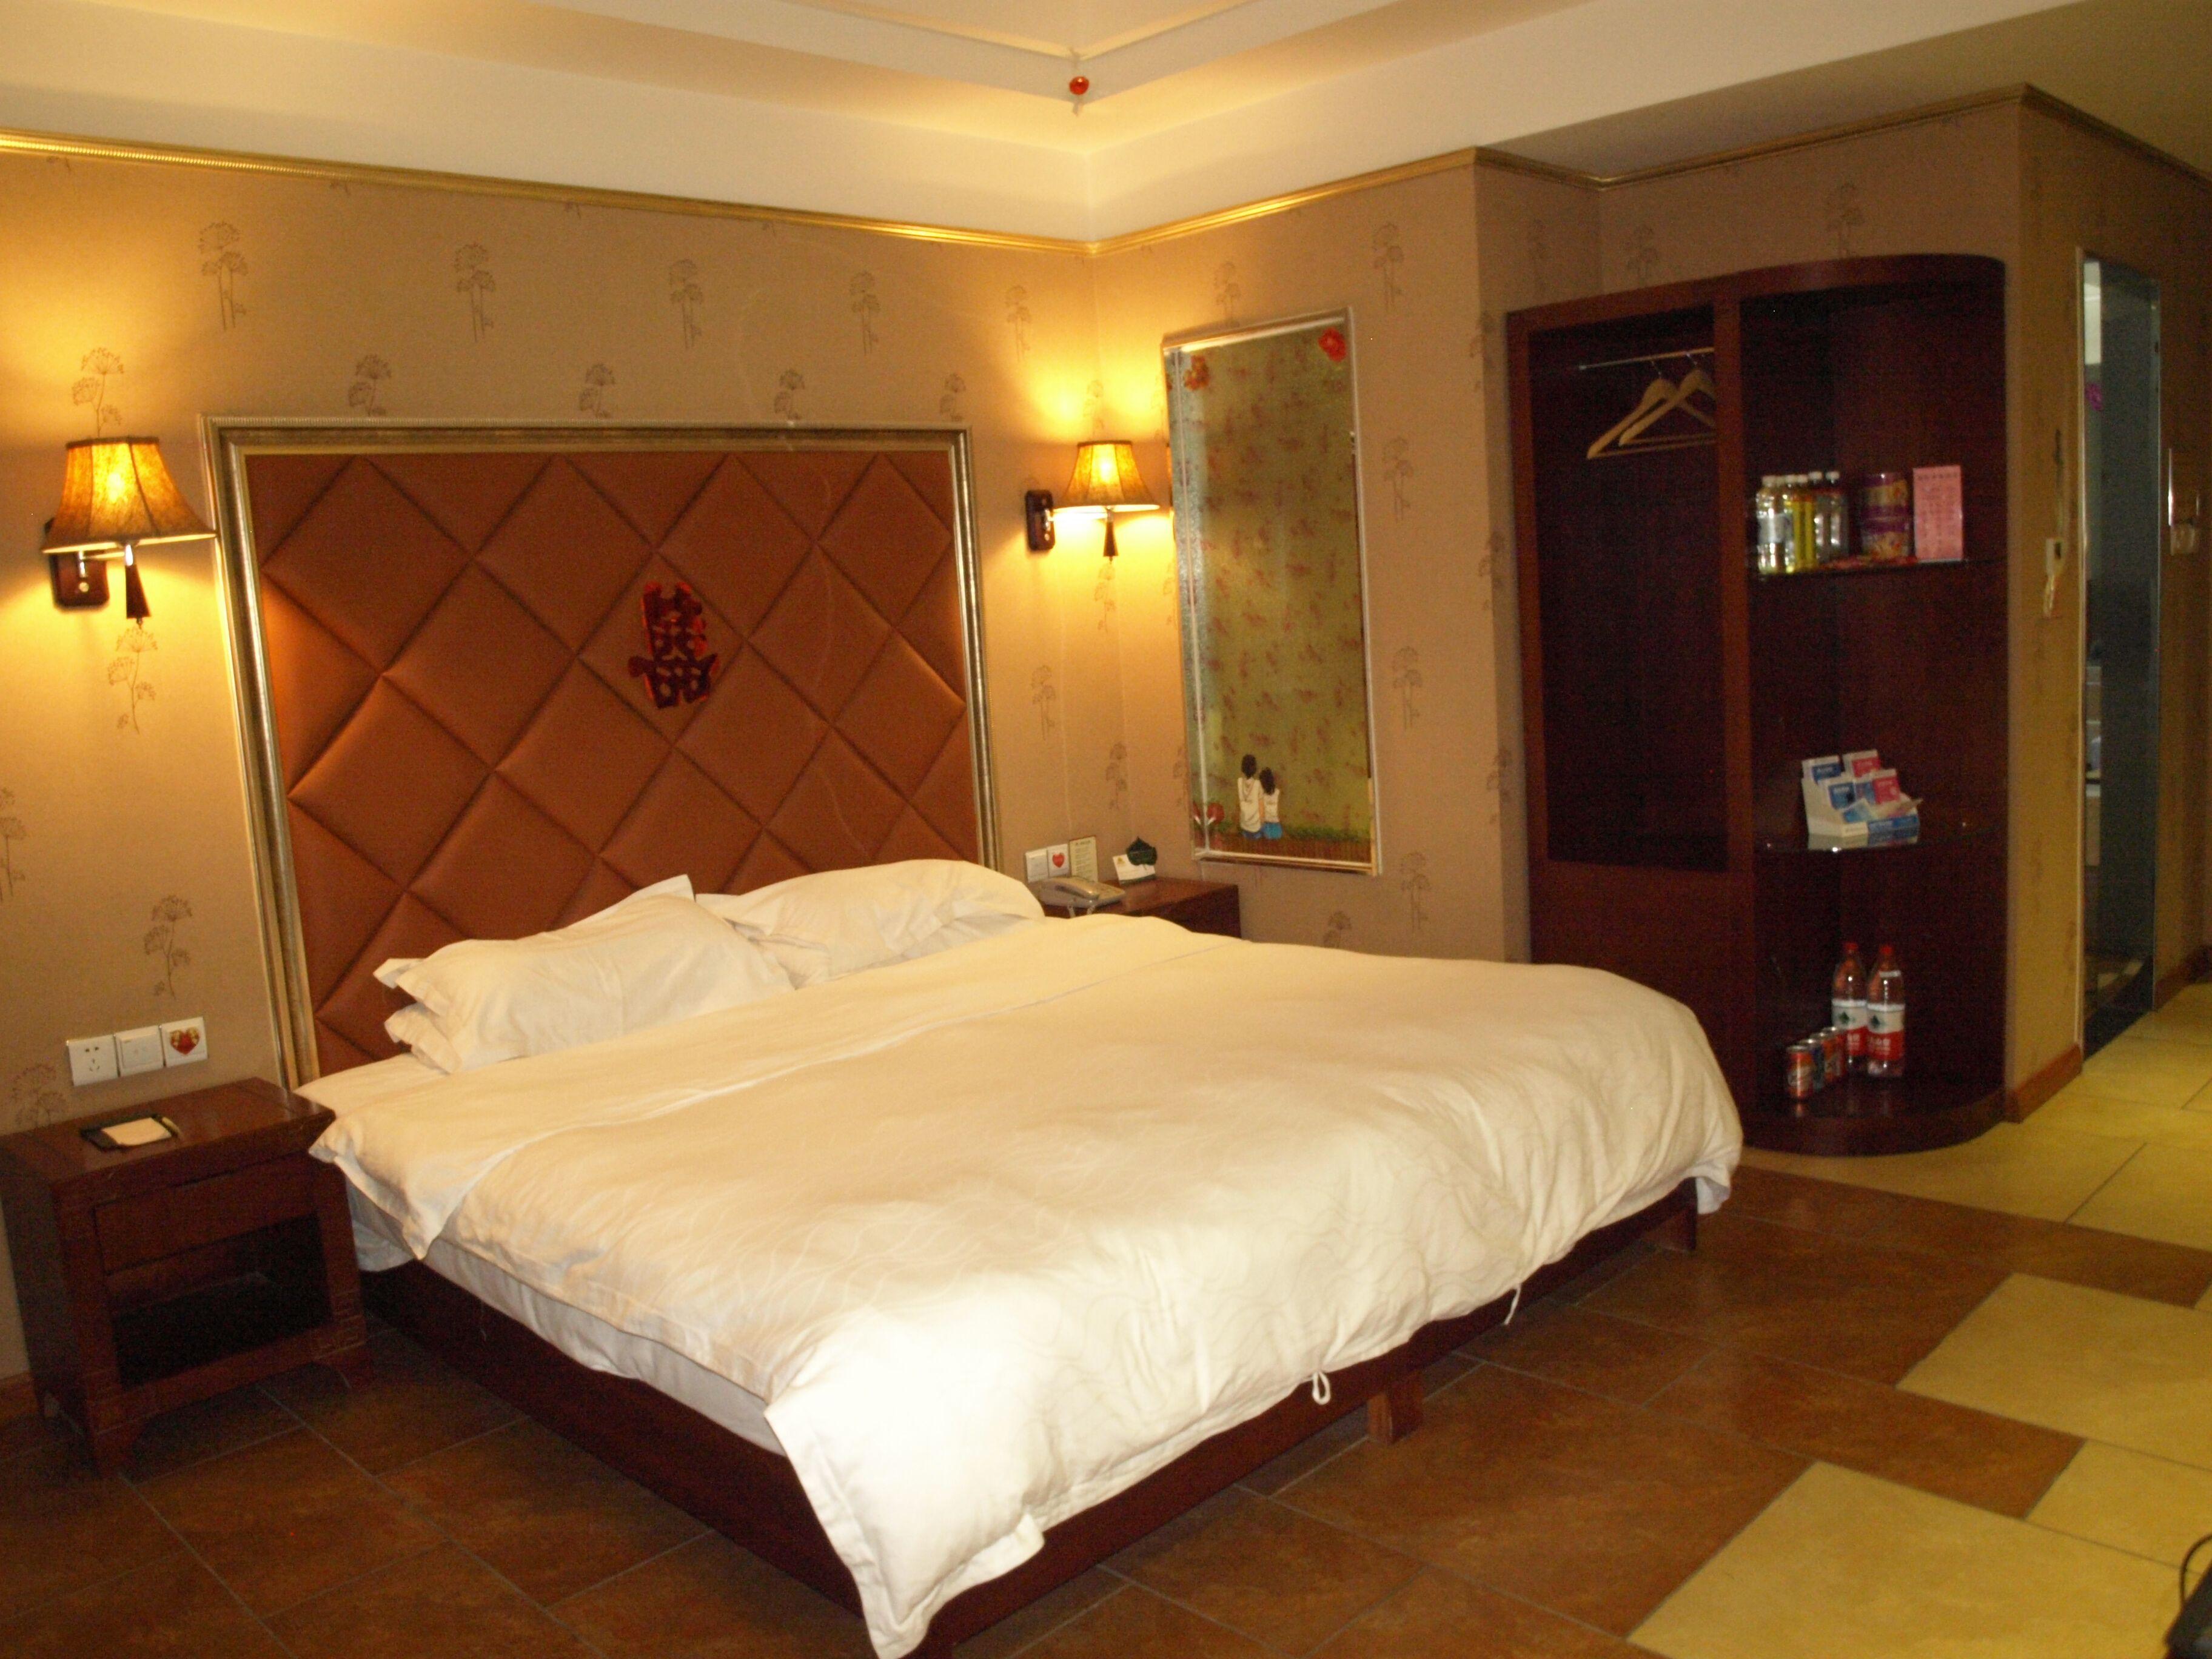 聚阳商务酒店